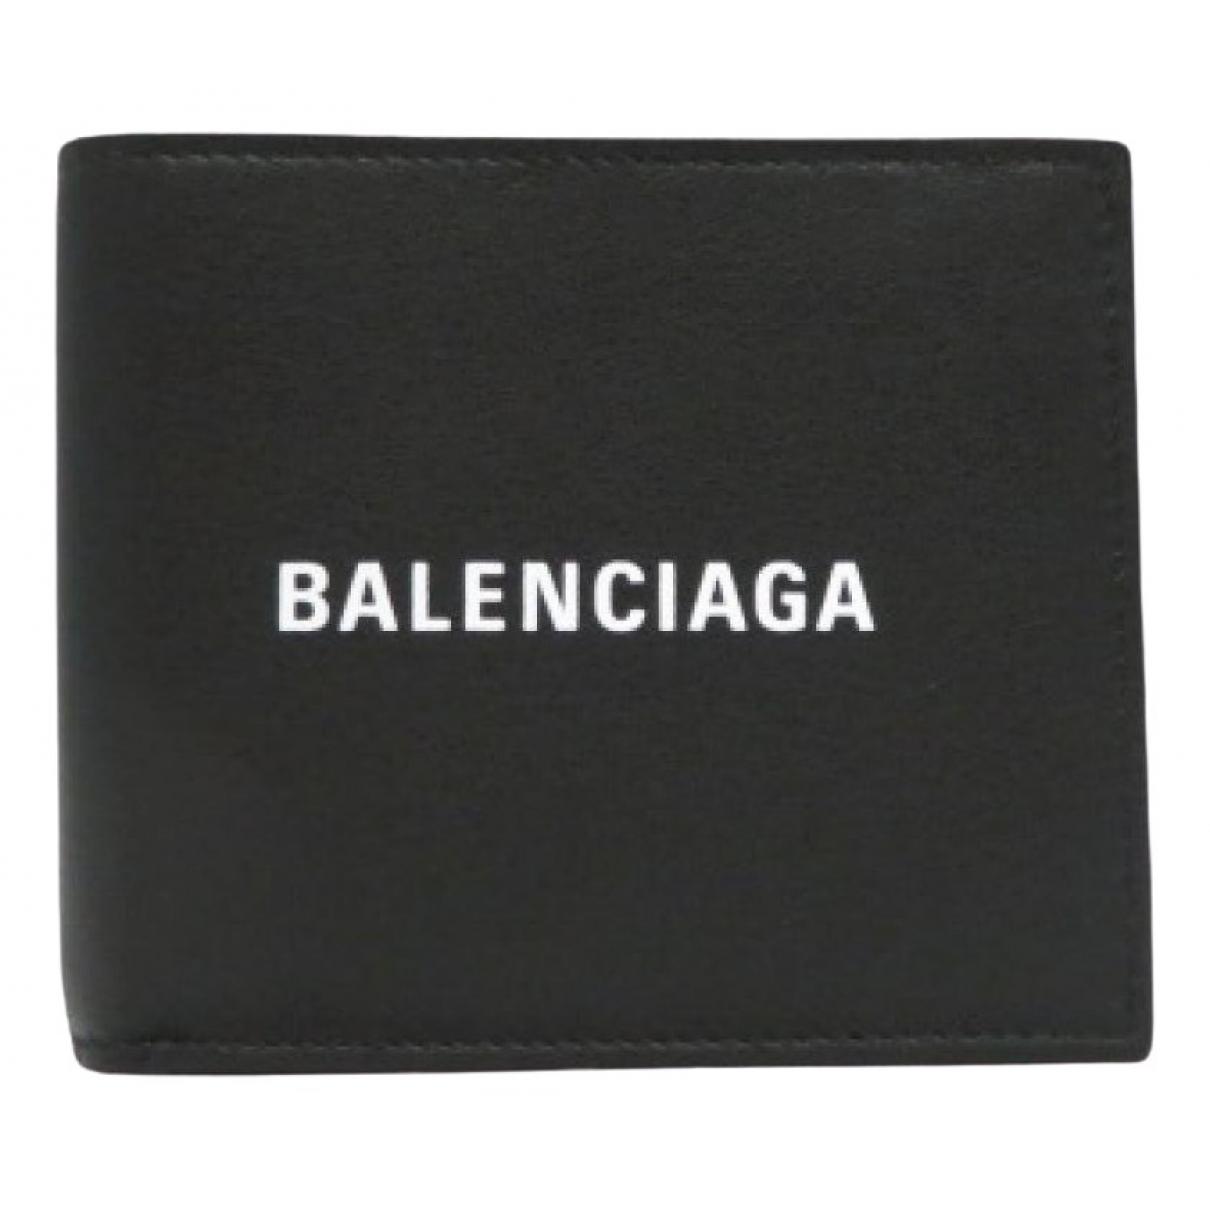 Marroquineria de Cuero Balenciaga